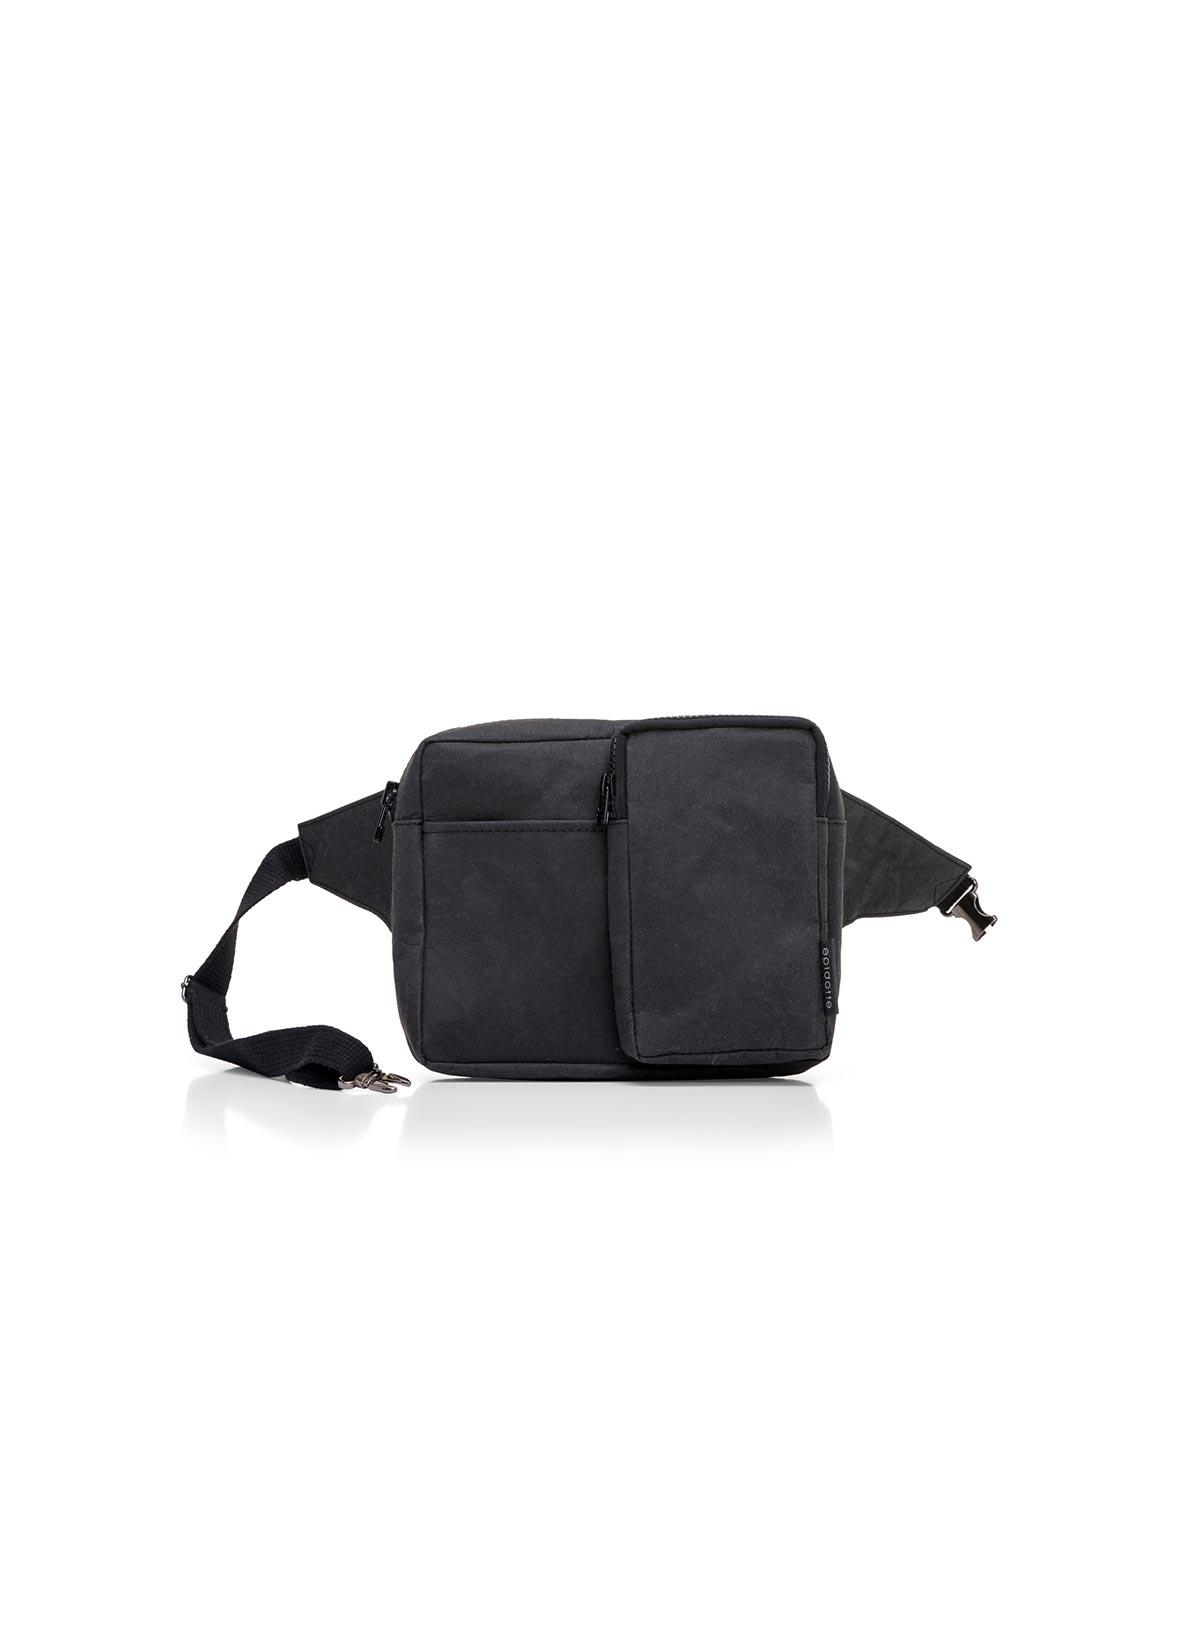 Fanny Bag Black